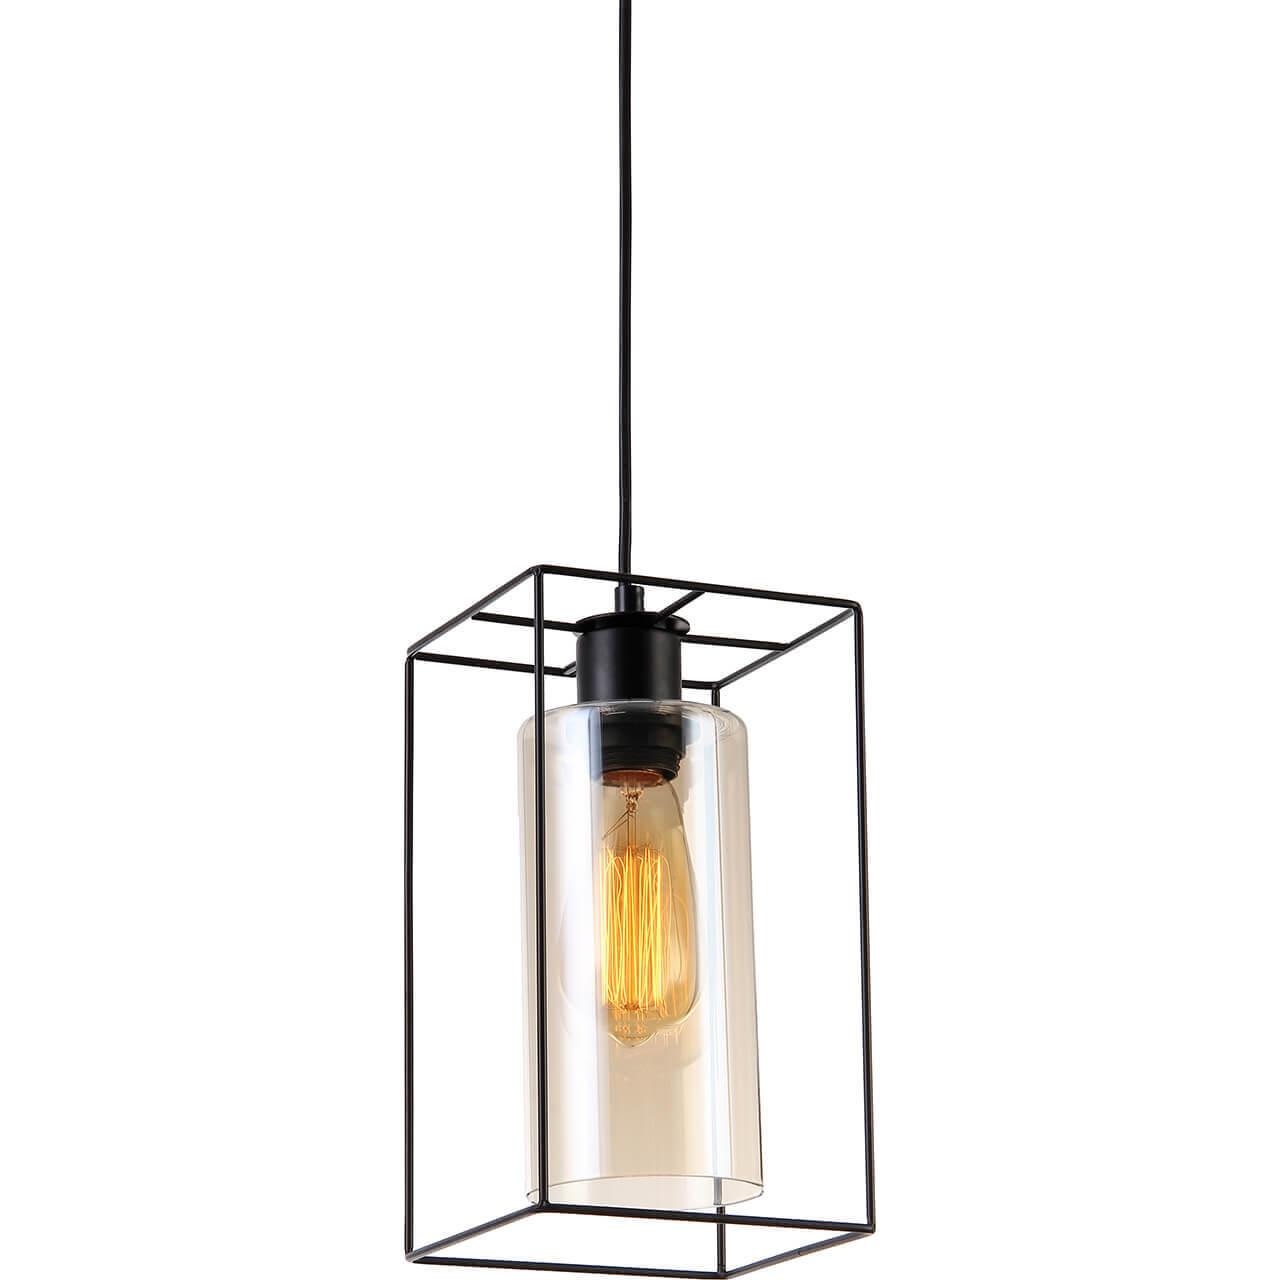 Светильник подвесной Toplight Robyn TL1176H-01BK светильник подвесной toplight laurel tl1201h 01bk